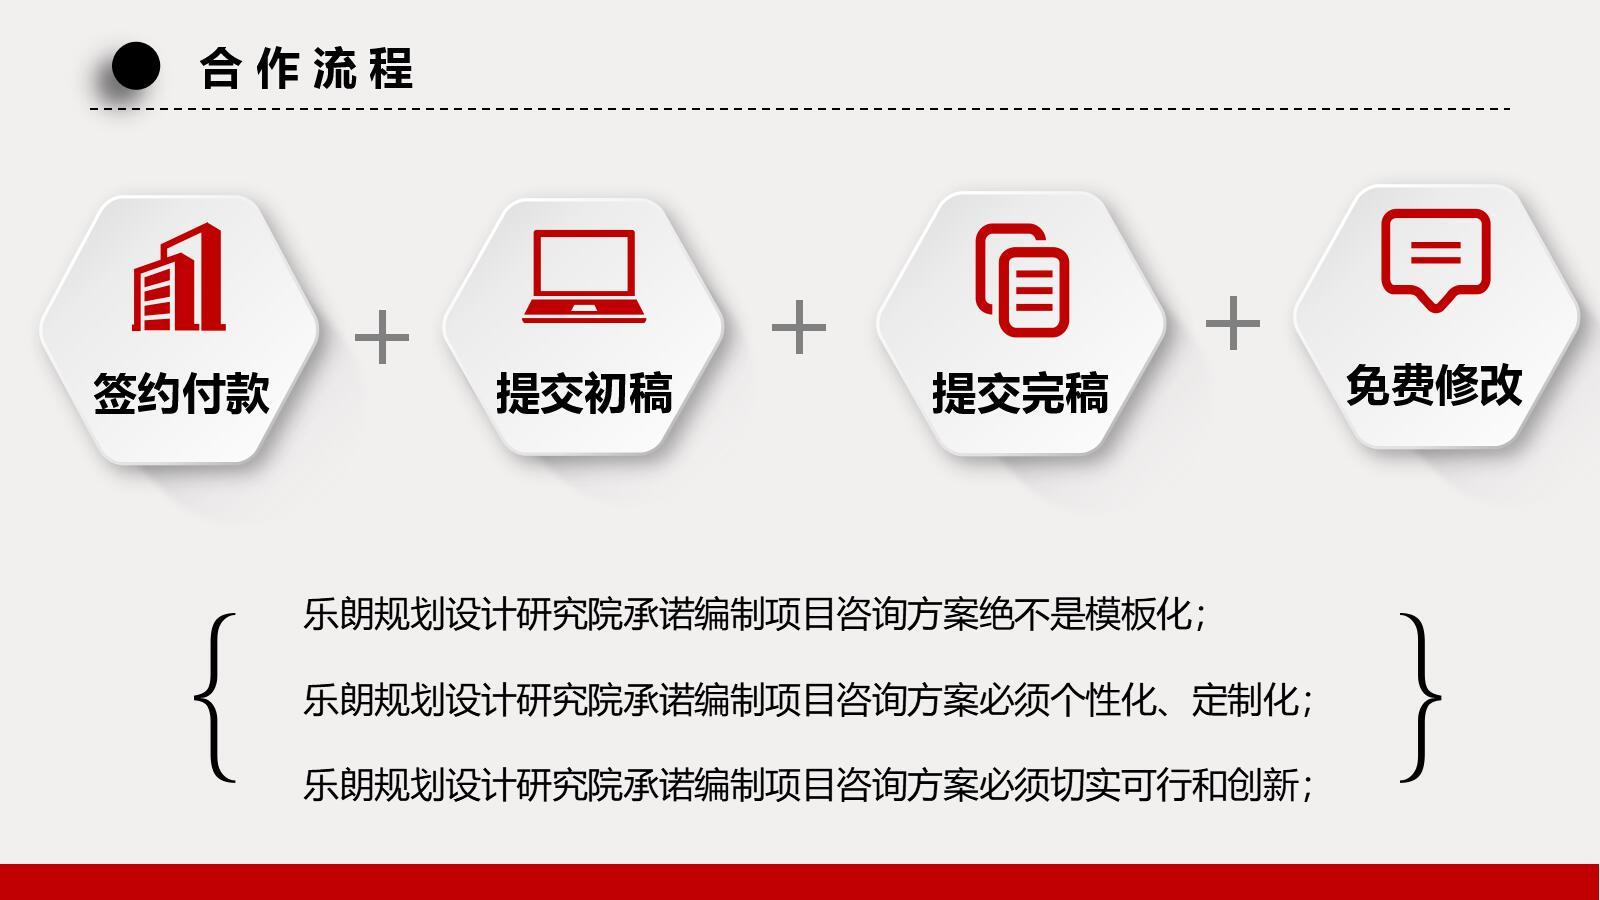 写宜昌可行性研究报告的公司